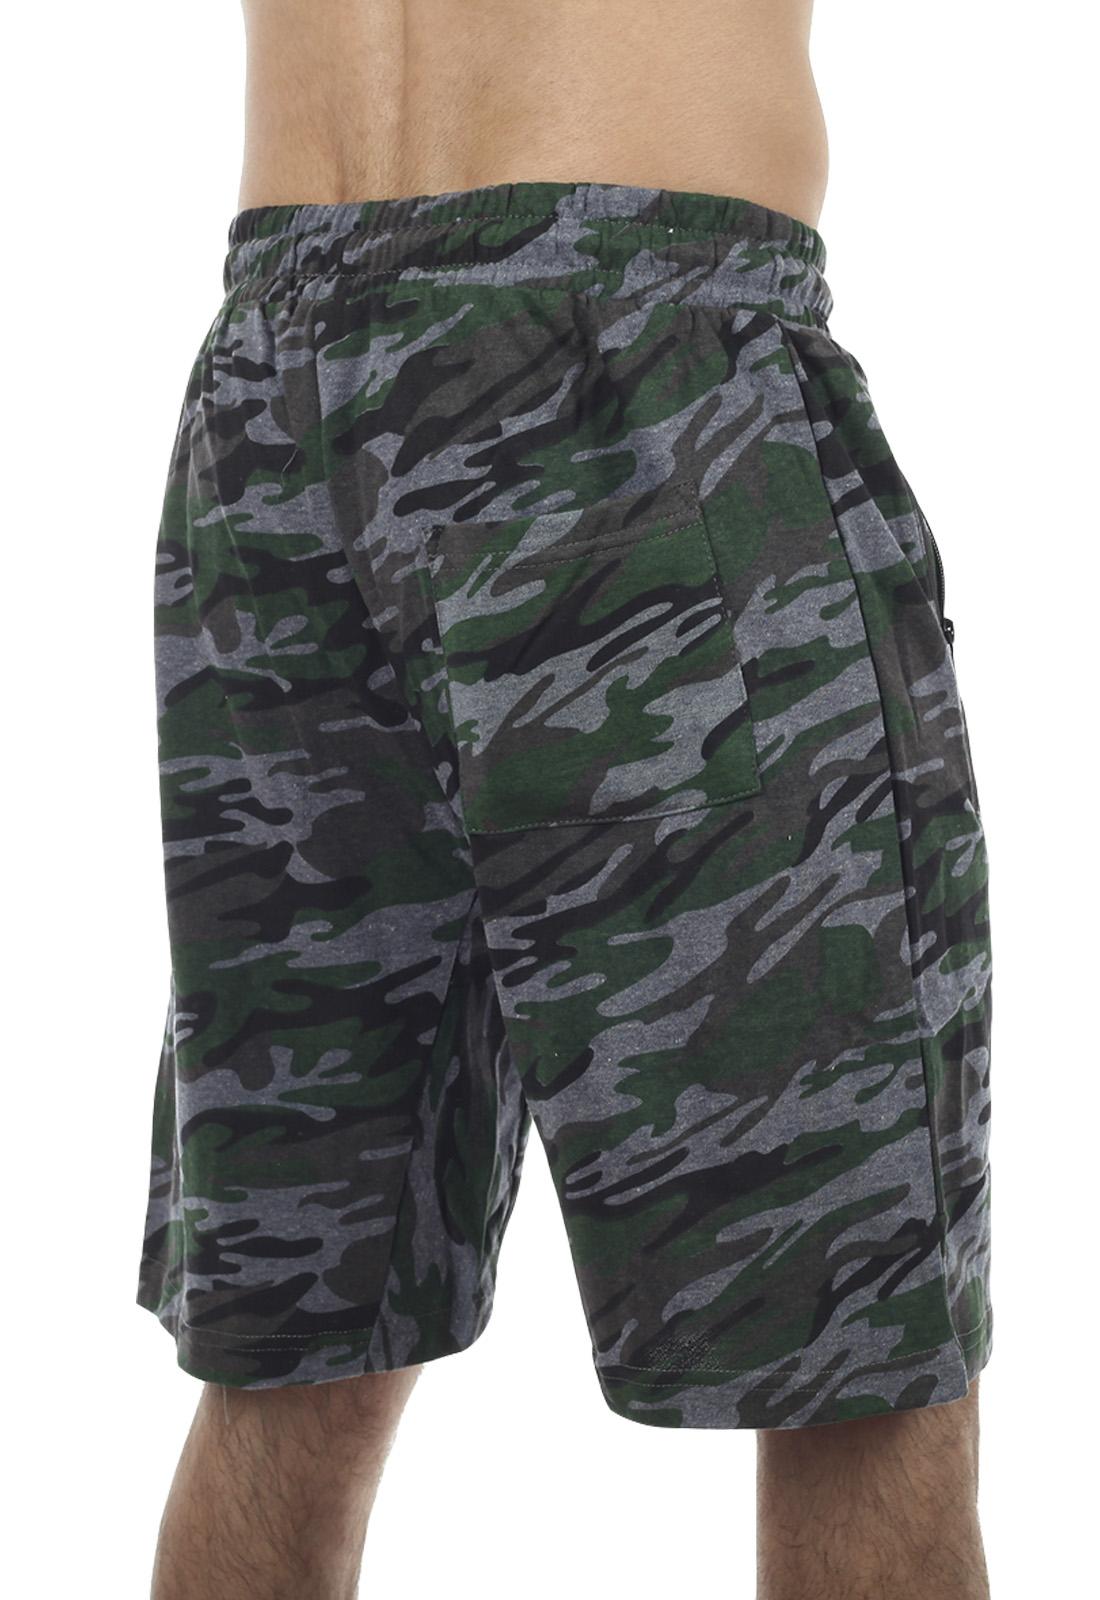 Недорогие мужские шорты камуфляж